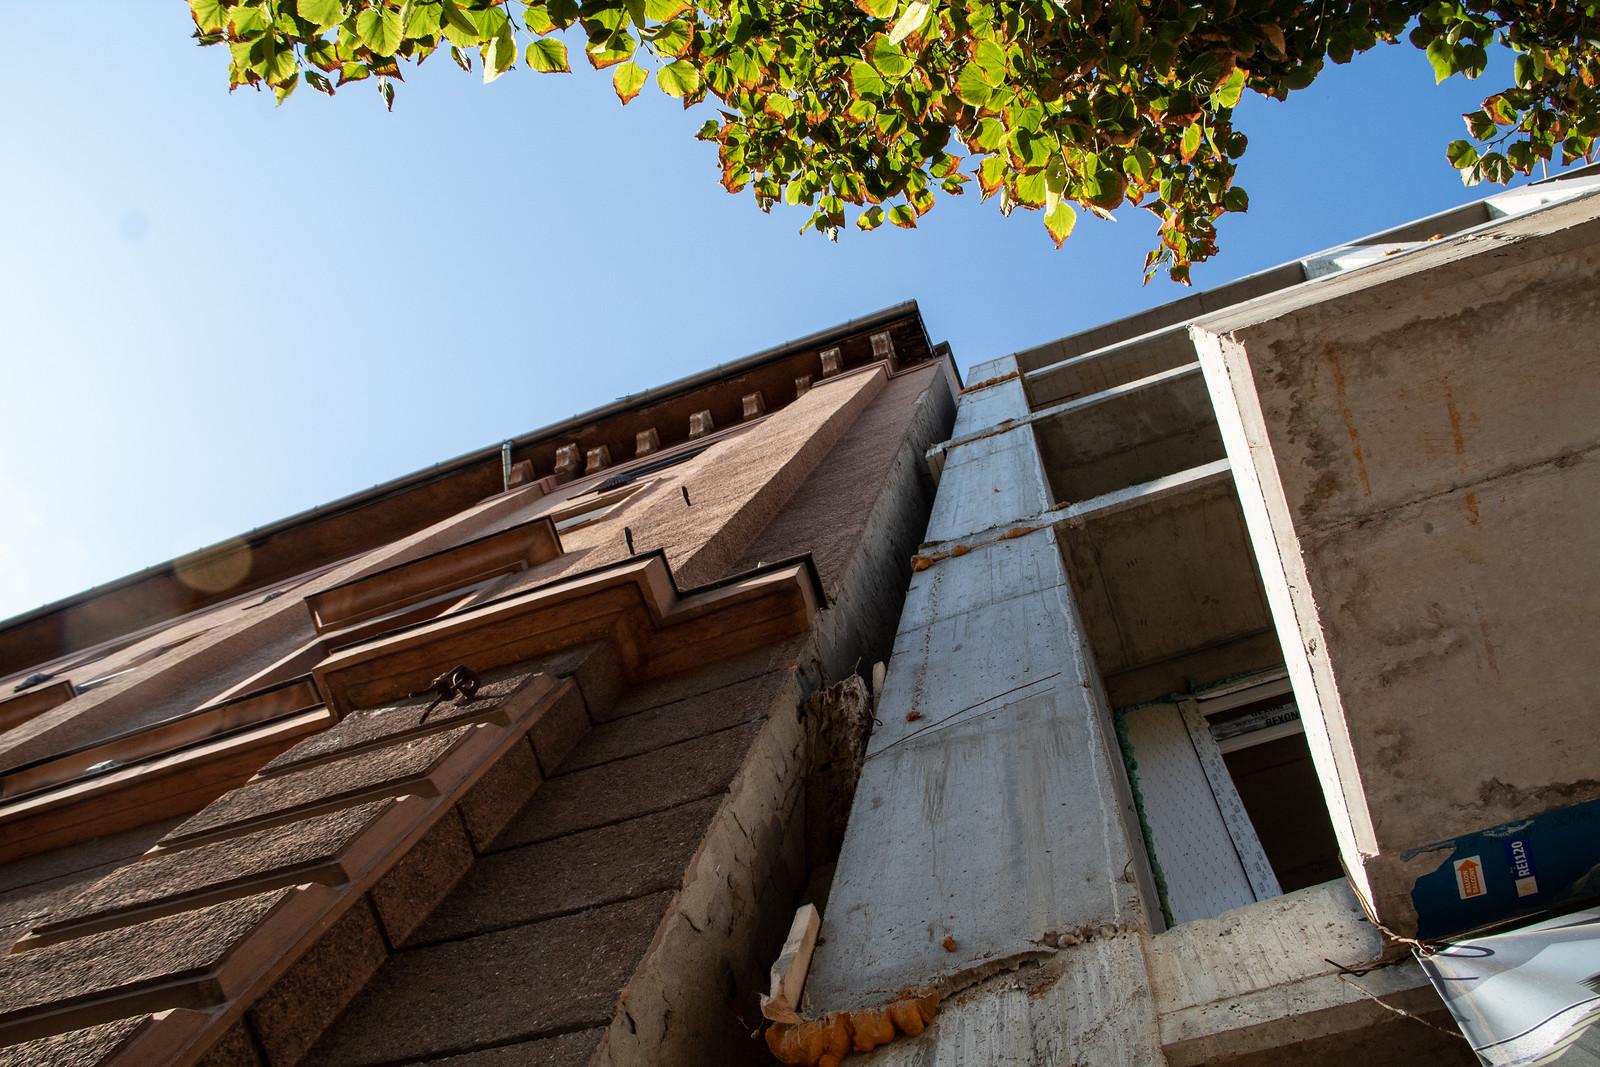 Elkezdtek lassan csökkenni a szegedi ingatlanok árai